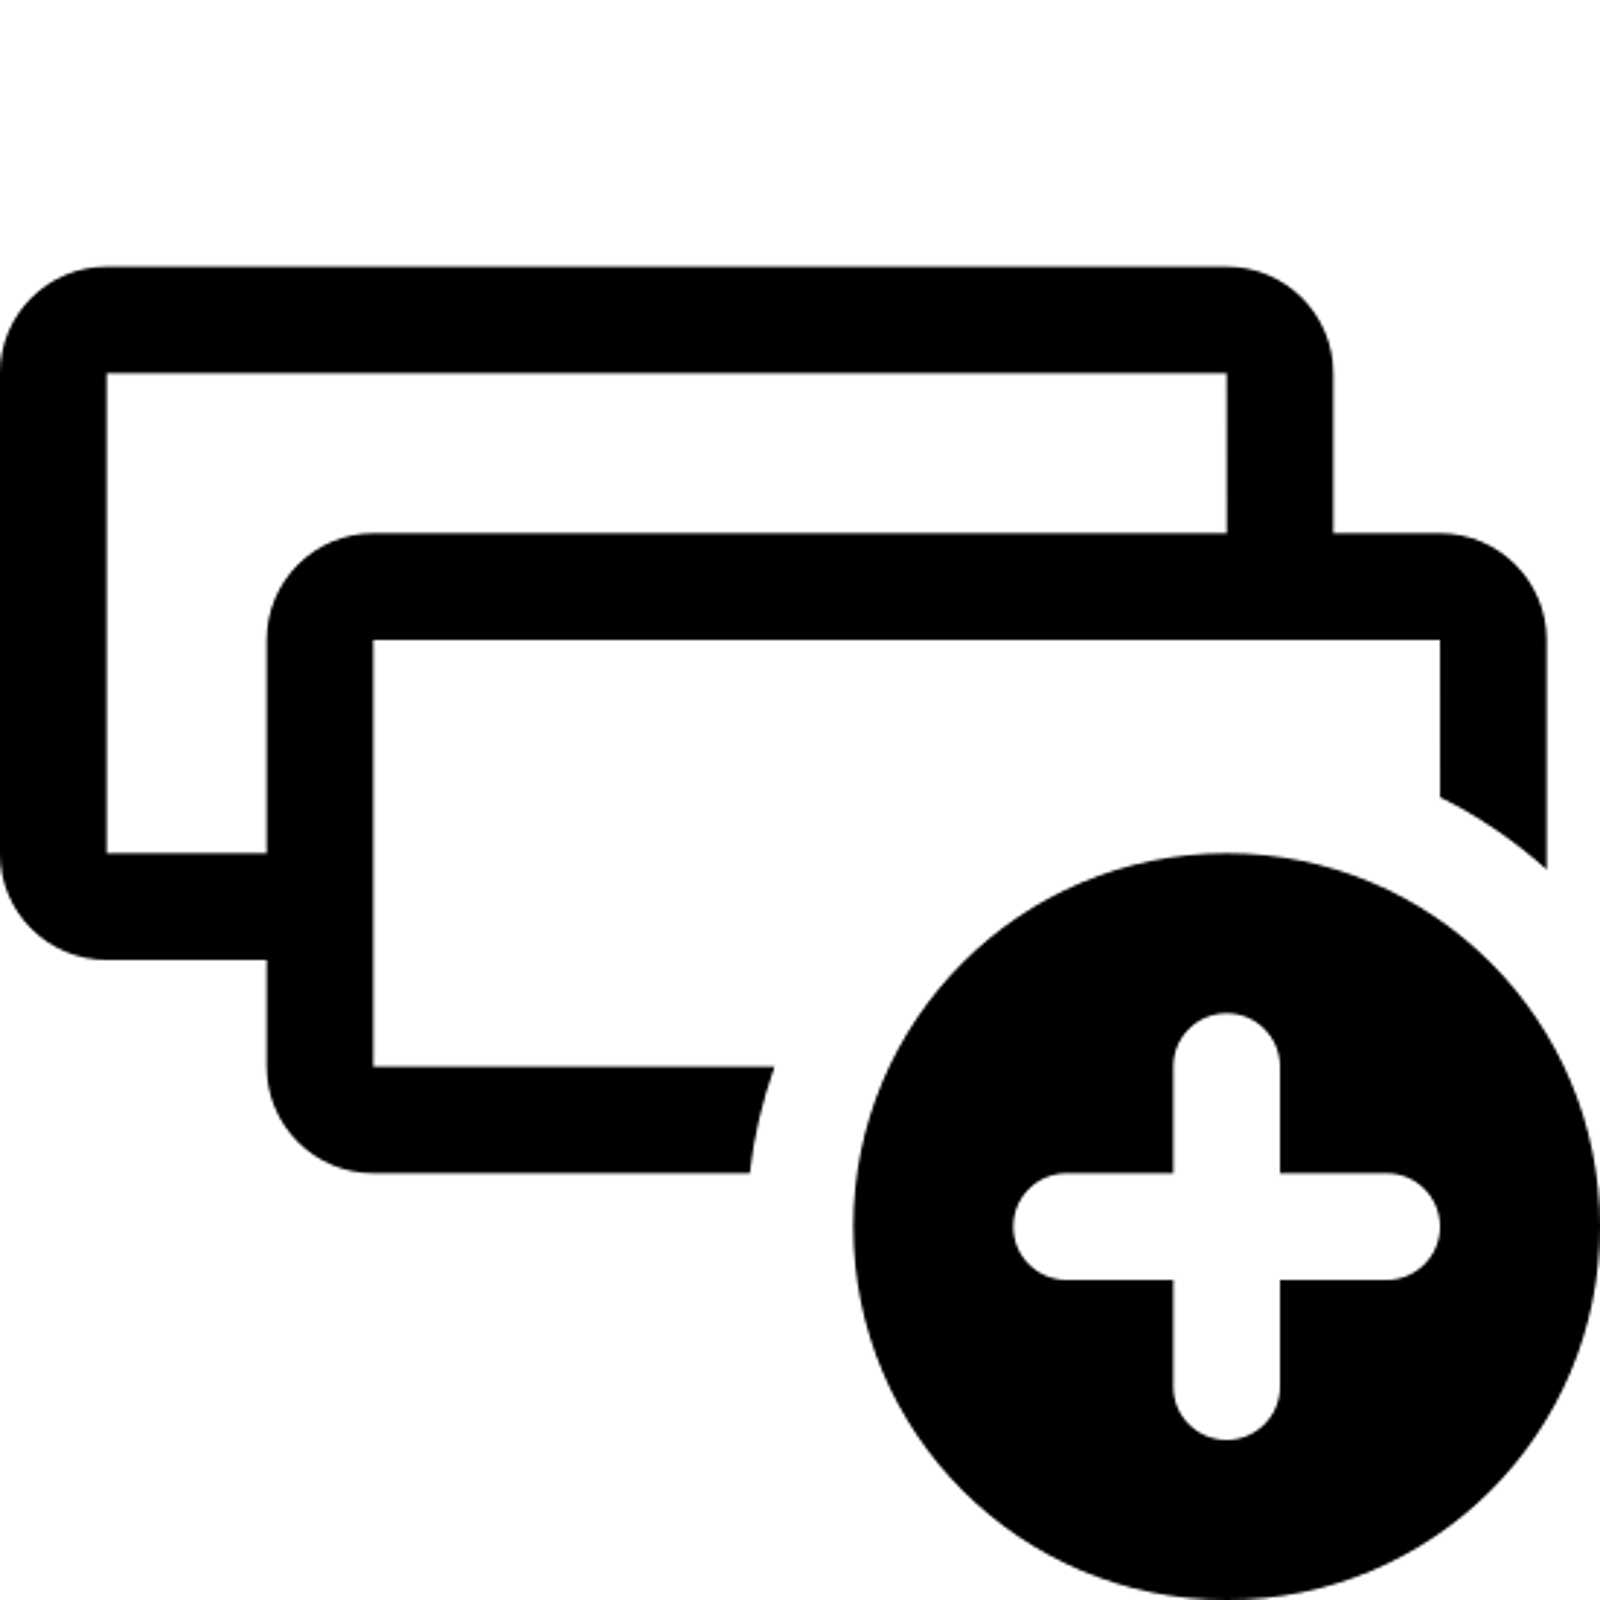 Duplikuj wiersze icon